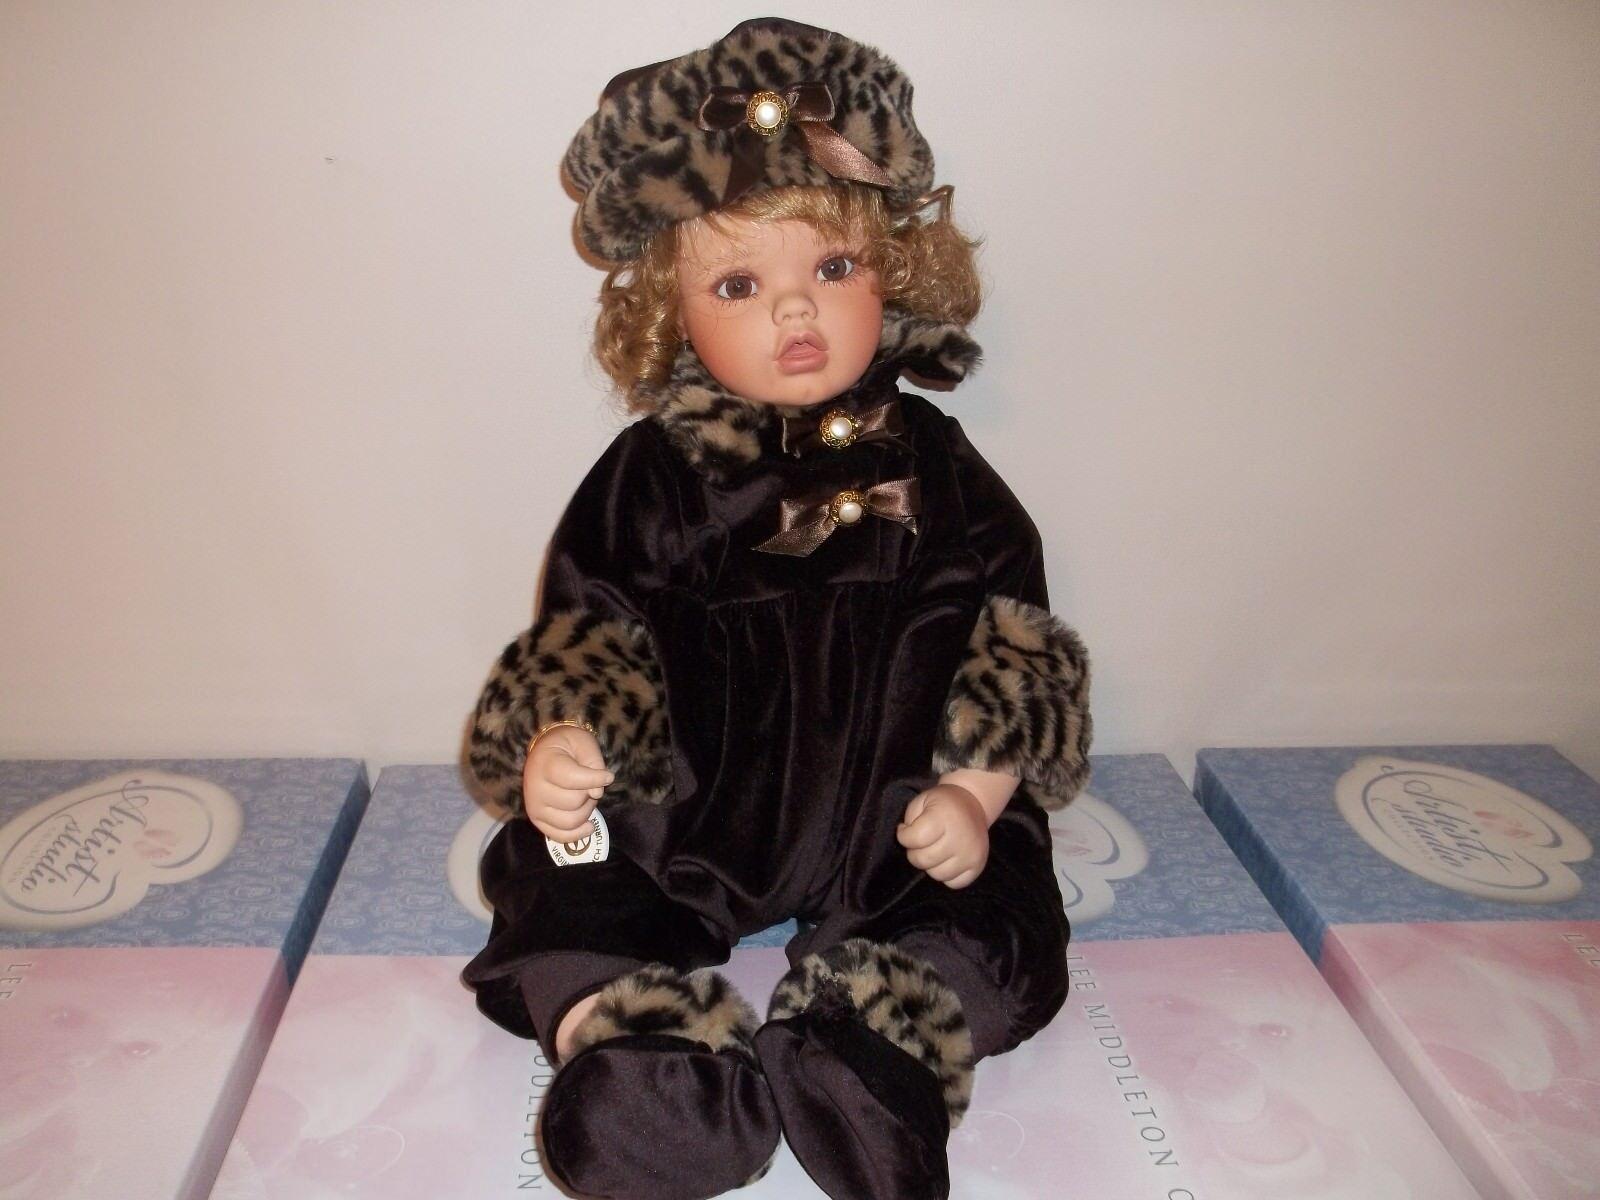 Muñeca de Turner-cierra-Seminuevo-sólo pantalla de coleccionista de no fumadores